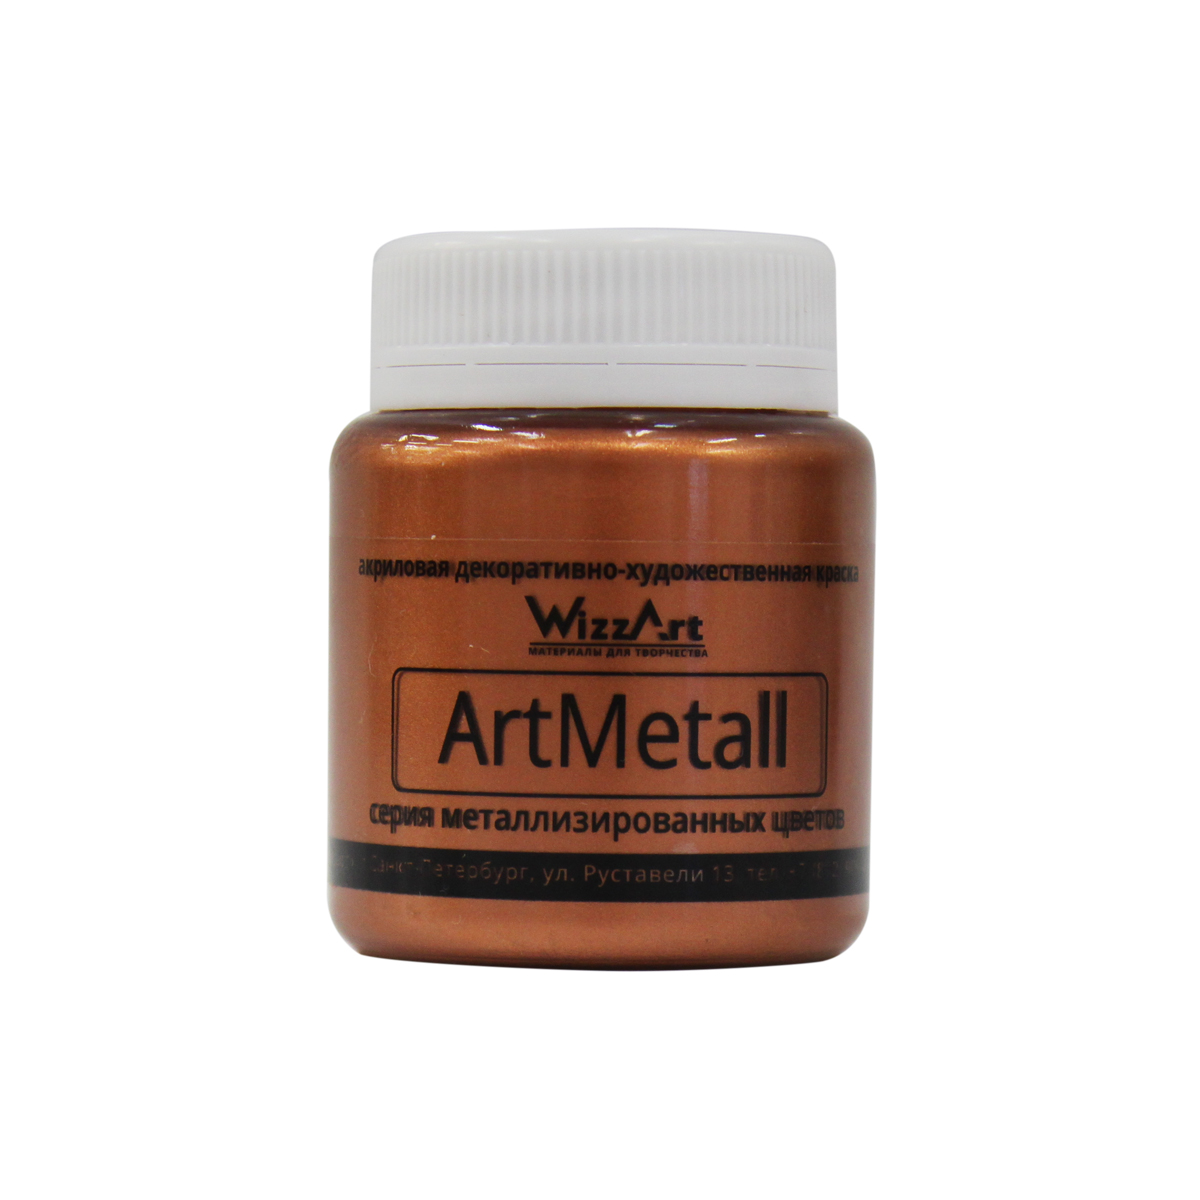 Краска акриловая WizzArt ArtMetall, цвет: медный, 80 мл501036Акриловые краски от фирмы WizzArt серии ArtMetall — это краски, создающие гладкую поверхность с эффектом металлик различных цветовых оттенков. Тонкая металлизированная пудра в составе краски дает насыщенный эффект металлического блеска. Поверхность краски будет ровной даже при использовании на пористой поверхности, такой как ткань, картон, дерево и прочие. Также идеально подходят эти краски и для гладких поверхностей, они универсальны. В зависимости от толщины нанесенного слоя период высыхания краски варьируется от 20 минут до 1 часа. Высокая устойчивость к выгоранию и воздействию среды также является преимуществом данных акриловых красок. Их можно использовать для создания металлизированной поверхности в различных видах творчества. Отсутствие вредных и токсичных веществ в составе акриловых красок WizzArt делает их безопасными для использования в закрытых помещениях.Объем: 80 мл.Товар сертифицирован.